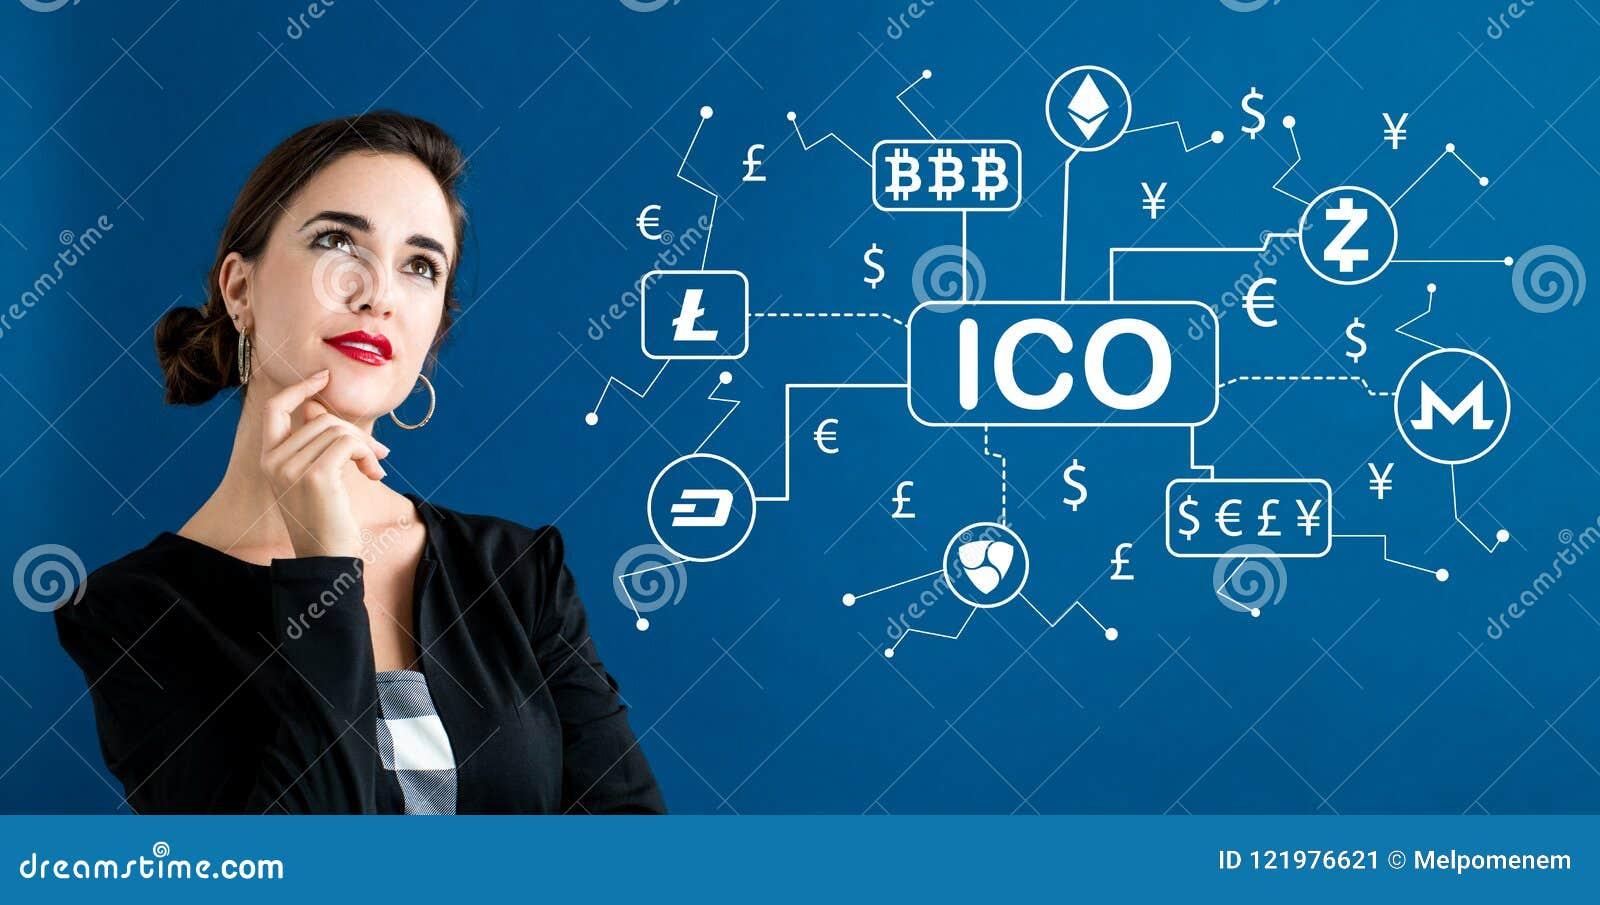 Тема Cryptocurrency ICO с бизнес-леди